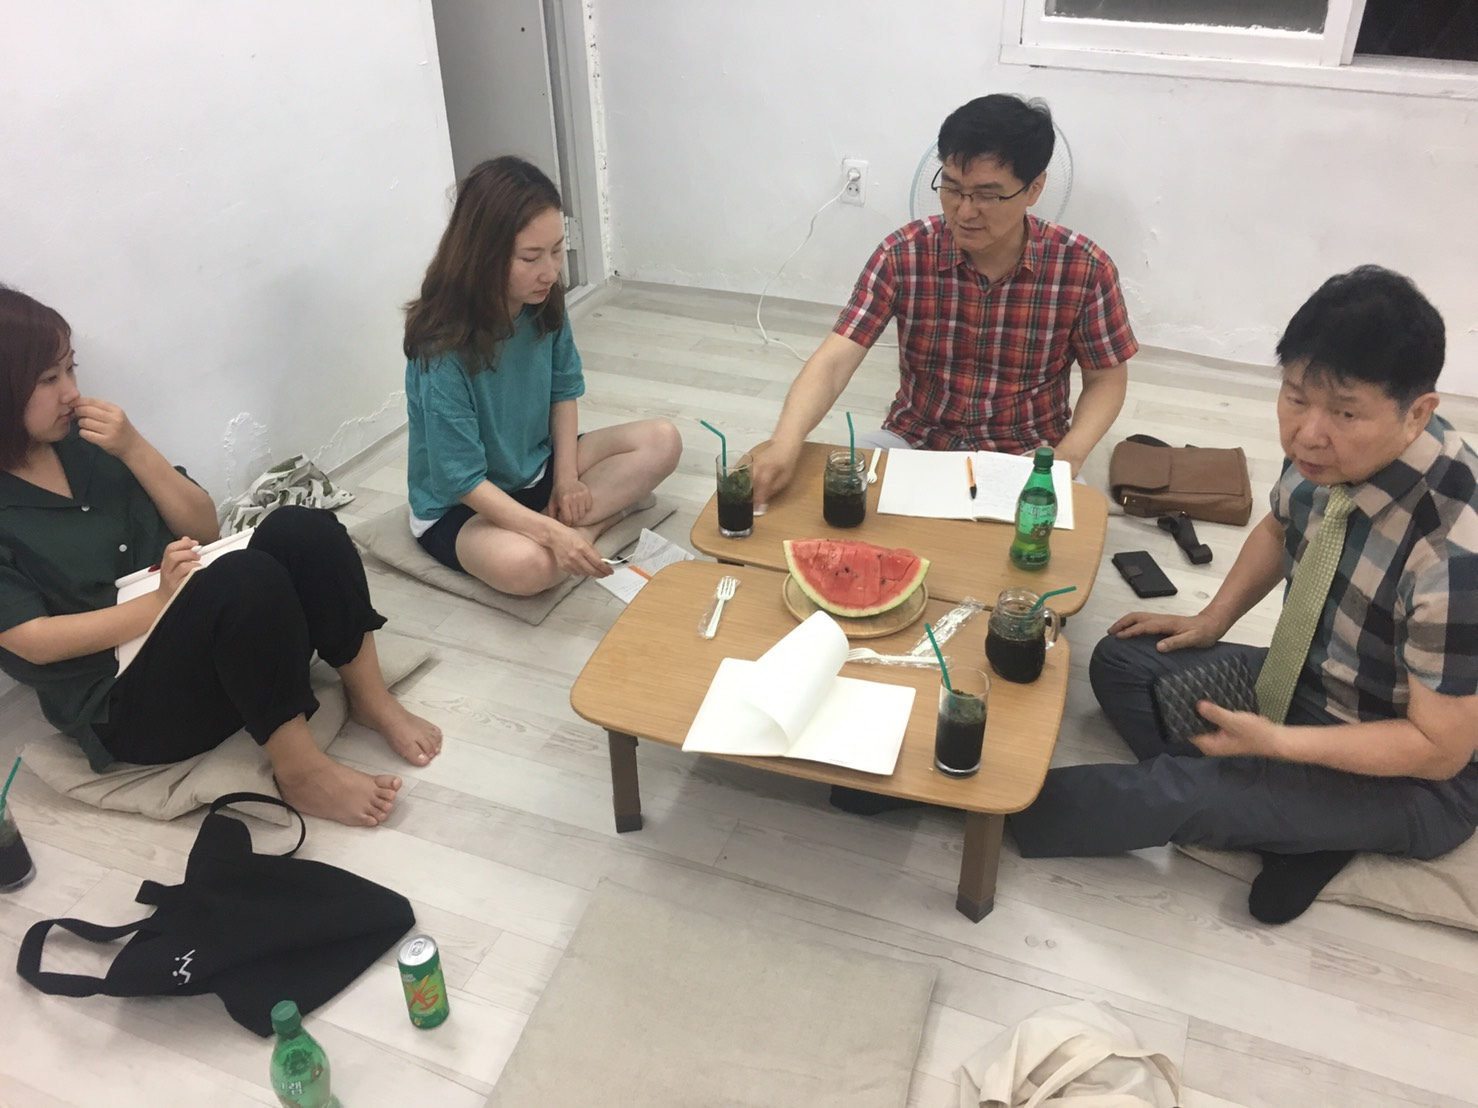 [후기] 7월 첫째주 자기지족명상